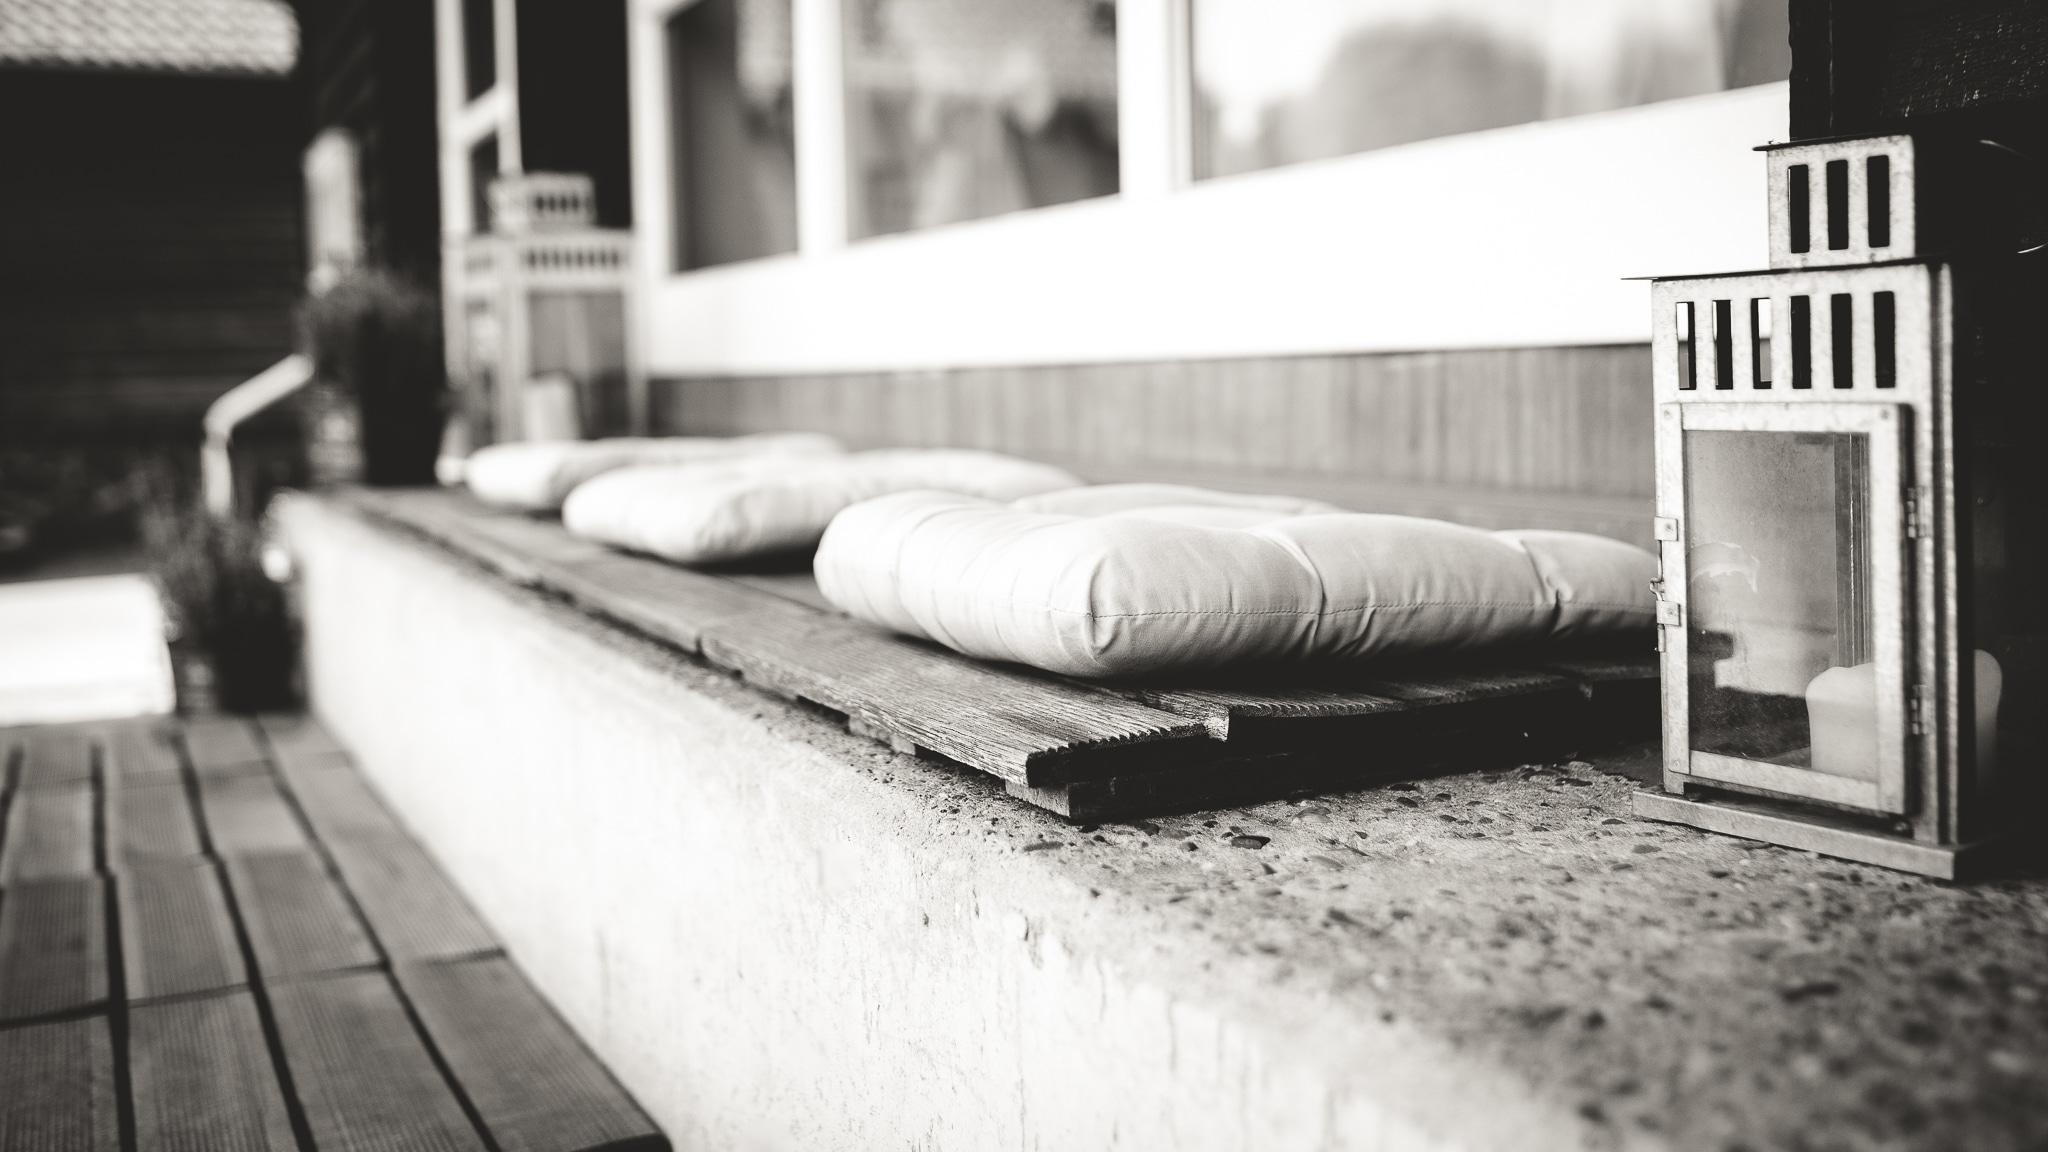 Maik grabosch hochzeitsfotograf ratingen duesseldorf essen krefeld hochzeit